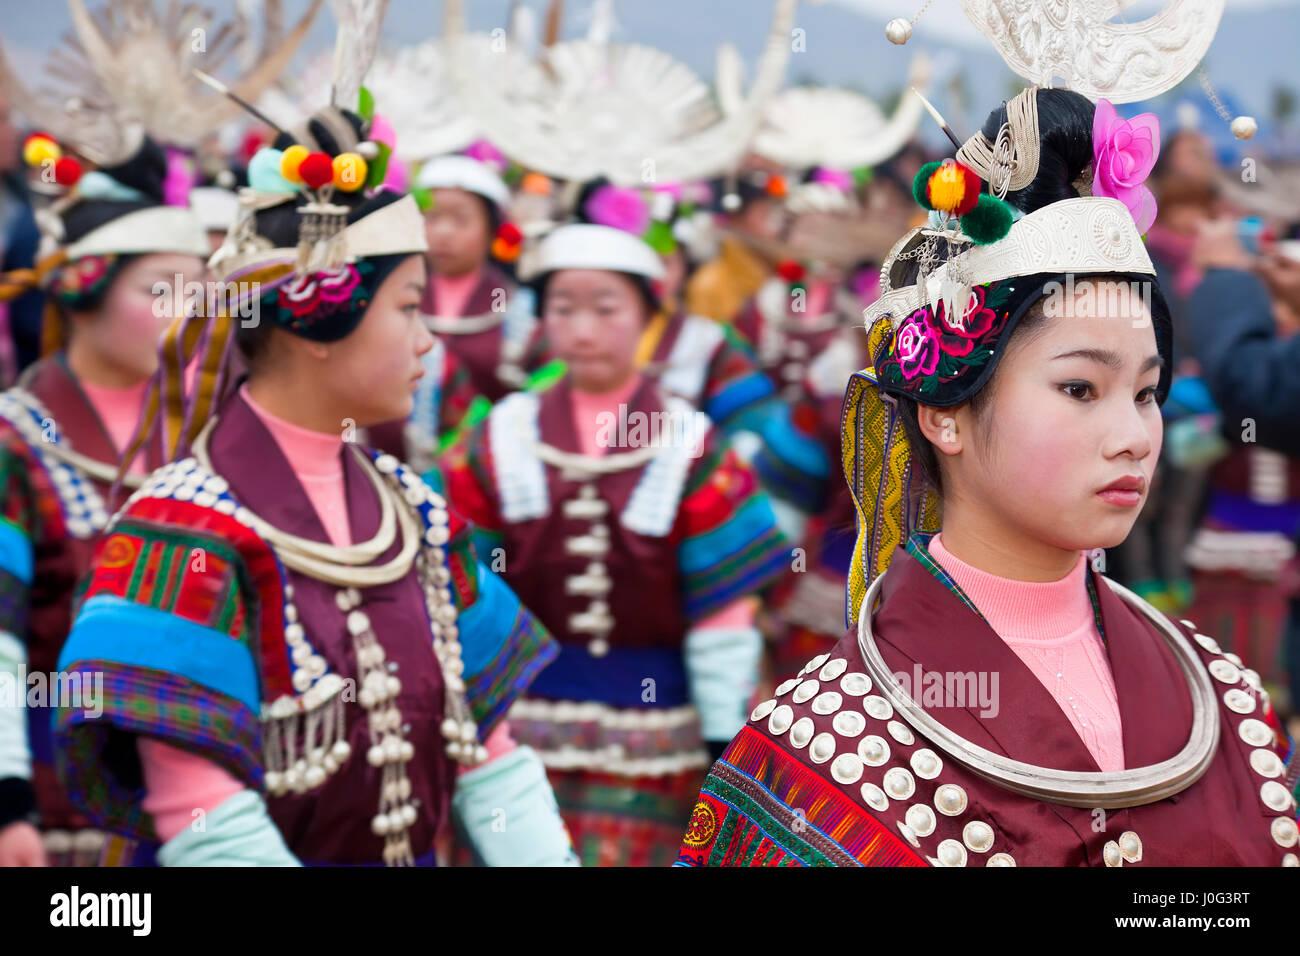 Nero Miao ragazze che ballano al Festival, Kaili, Guizhou, Cina Immagini Stock